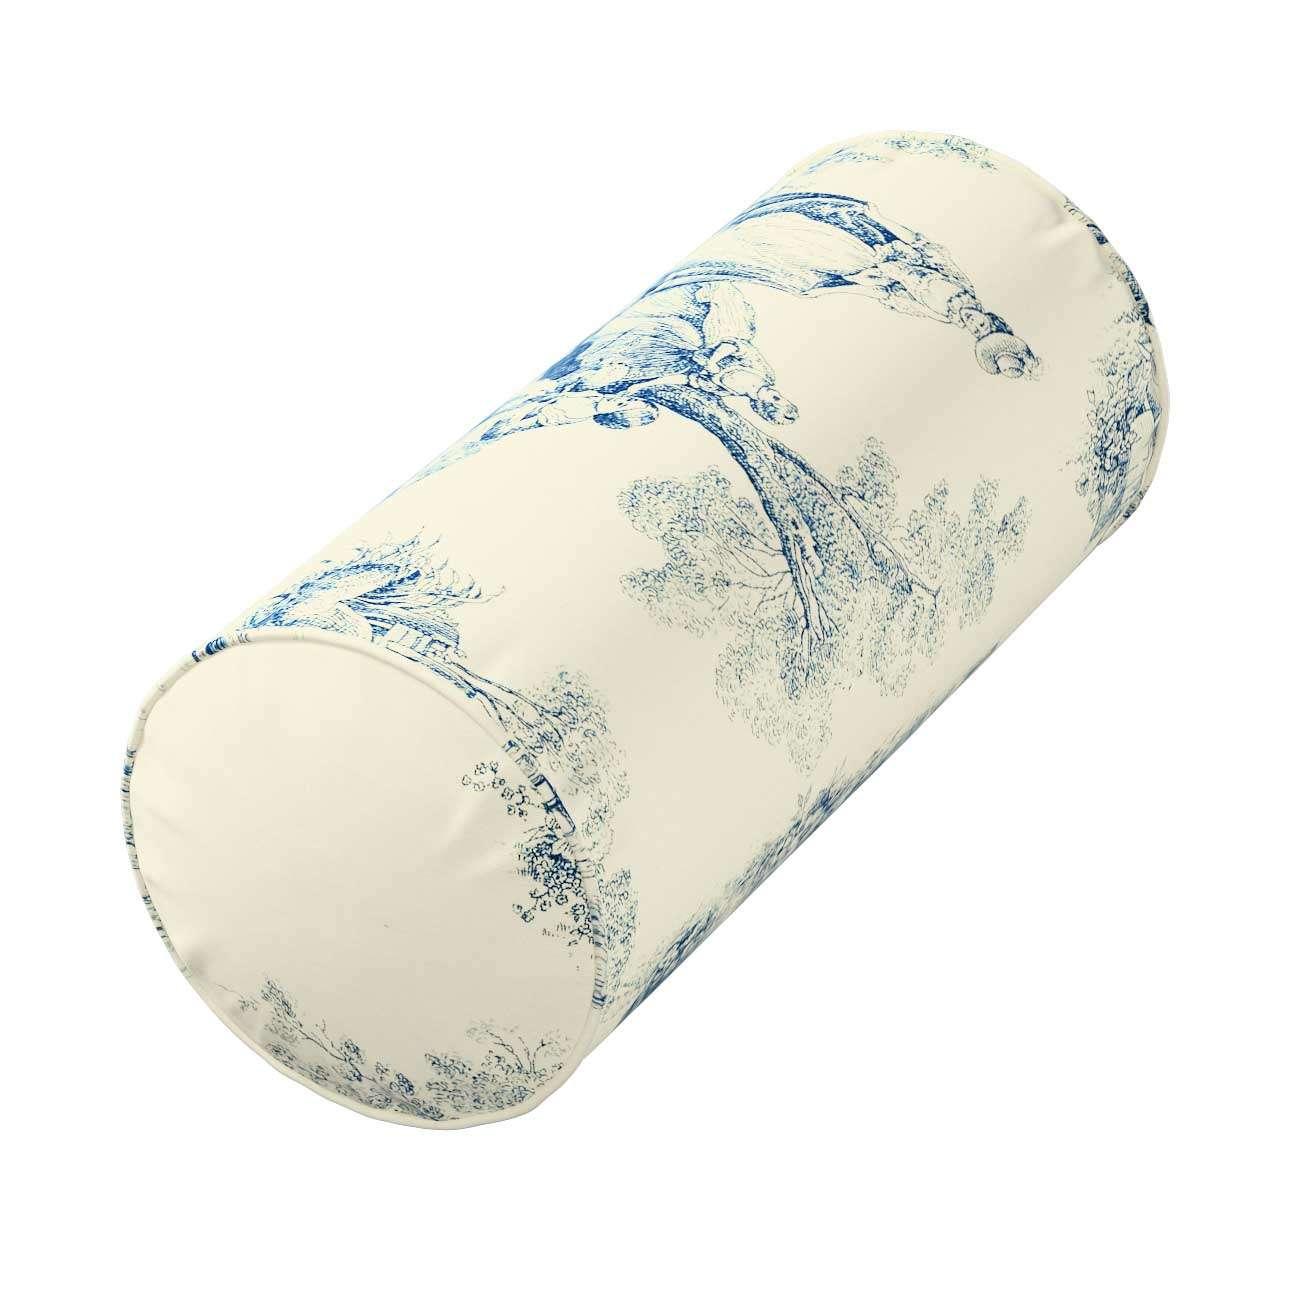 Ektorp pagalvėlės užvalkalas Ektorp pagalvėlė kolekcijoje Avinon, audinys: 132-66